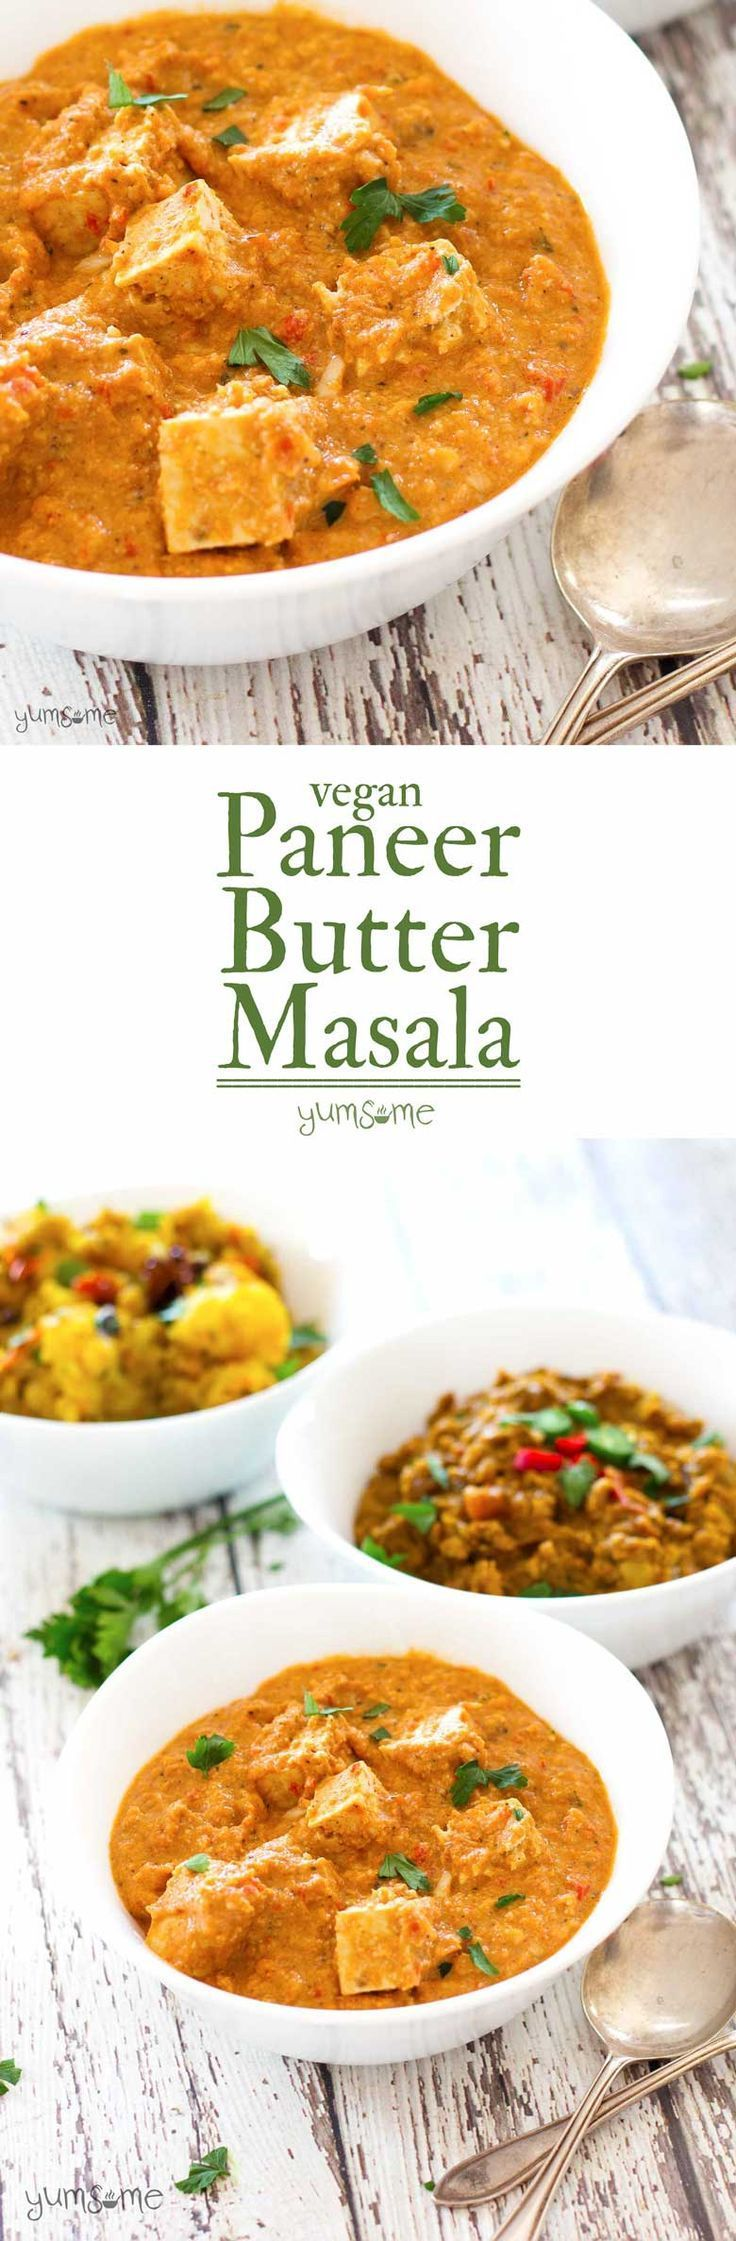 vegan paneer butter masala rezept nizza geschirr und butter. Black Bedroom Furniture Sets. Home Design Ideas